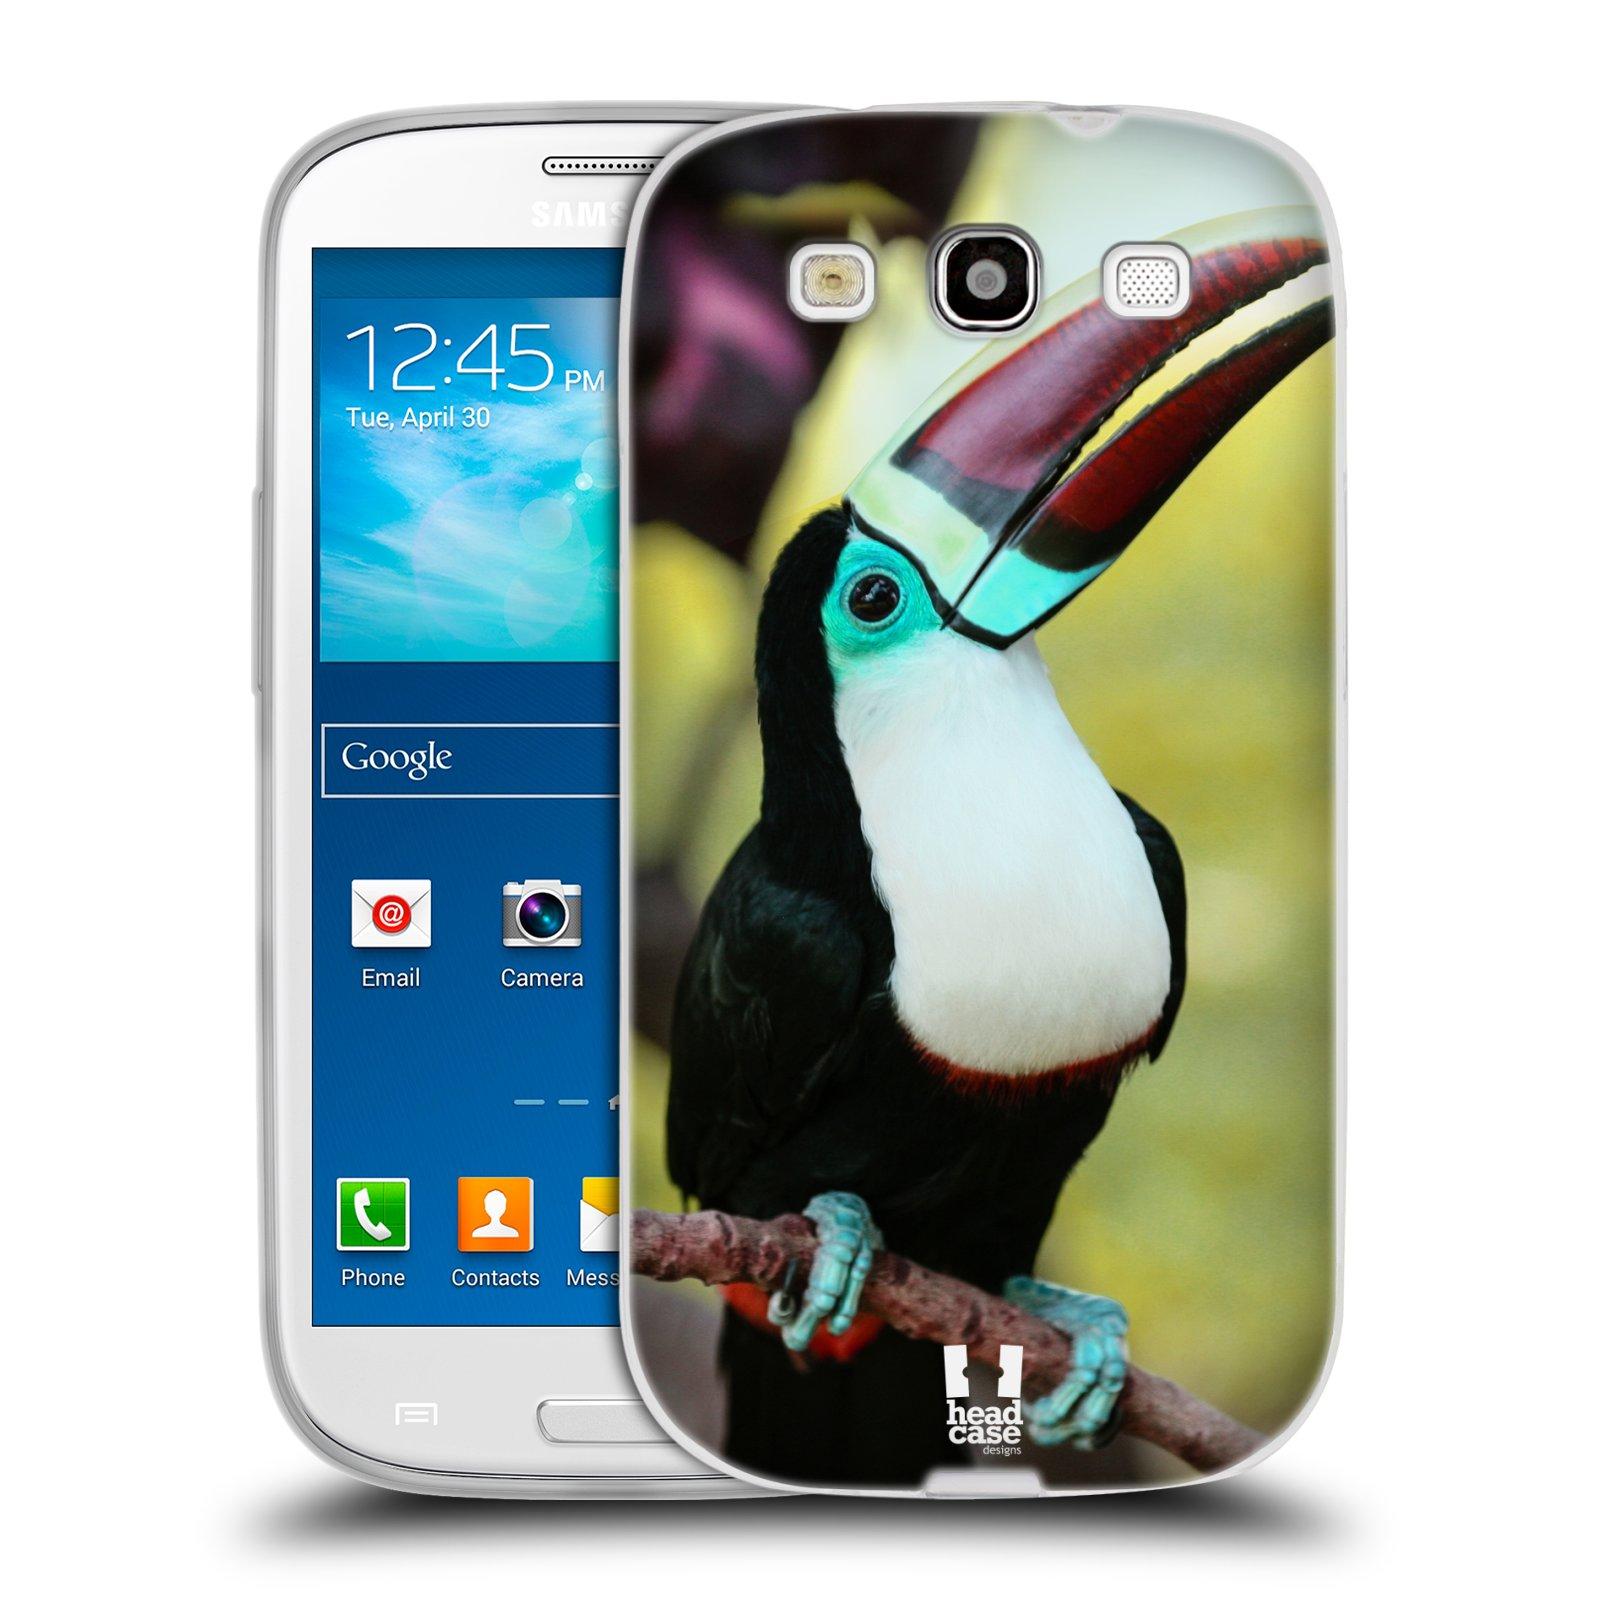 HEAD CASE silikonový obal na mobil Samsung Galaxy S3 i9300 vzor slavná zvířata foto tukan